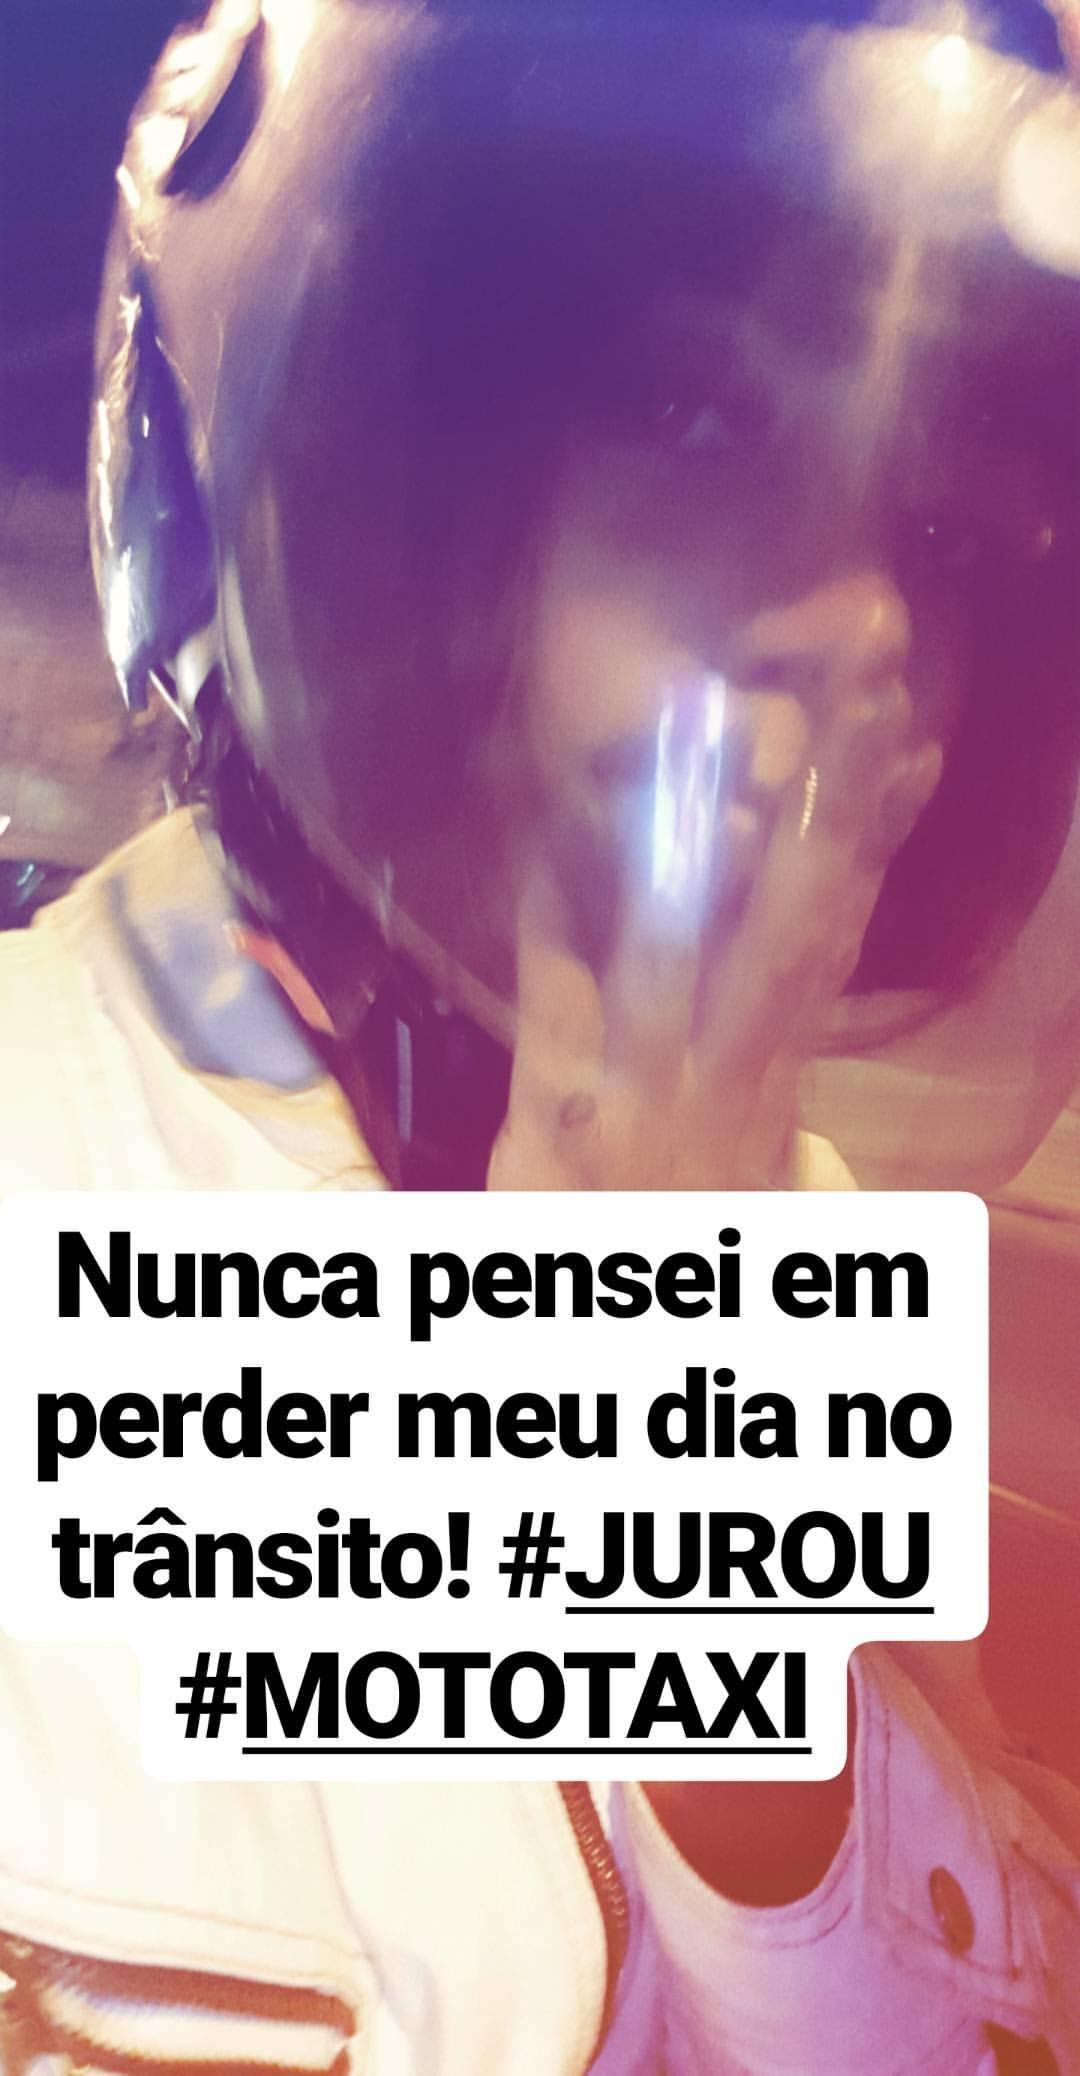 Anitta pega mototaxi para chegar a compromisso (Foto: Reprodução/Instagram Stories)